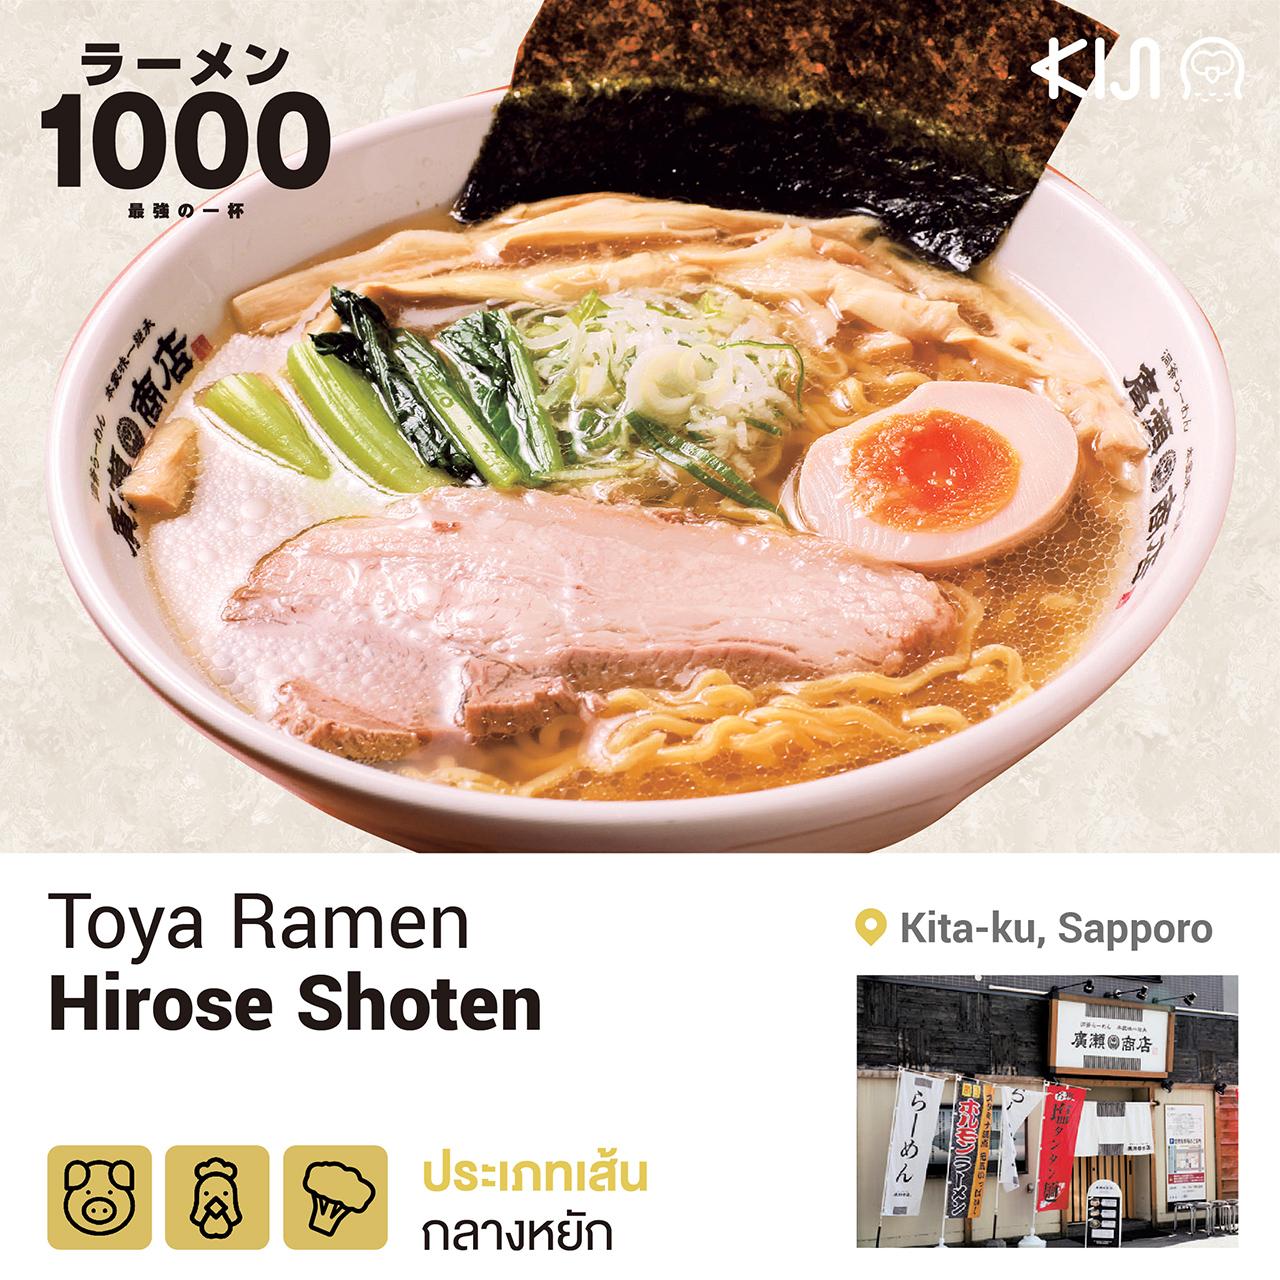 ร้านราเมน เขตคิตะ เมืองซัปโปโร จ.ฮอกไกโด - Toya Ramen Hirose Shoten